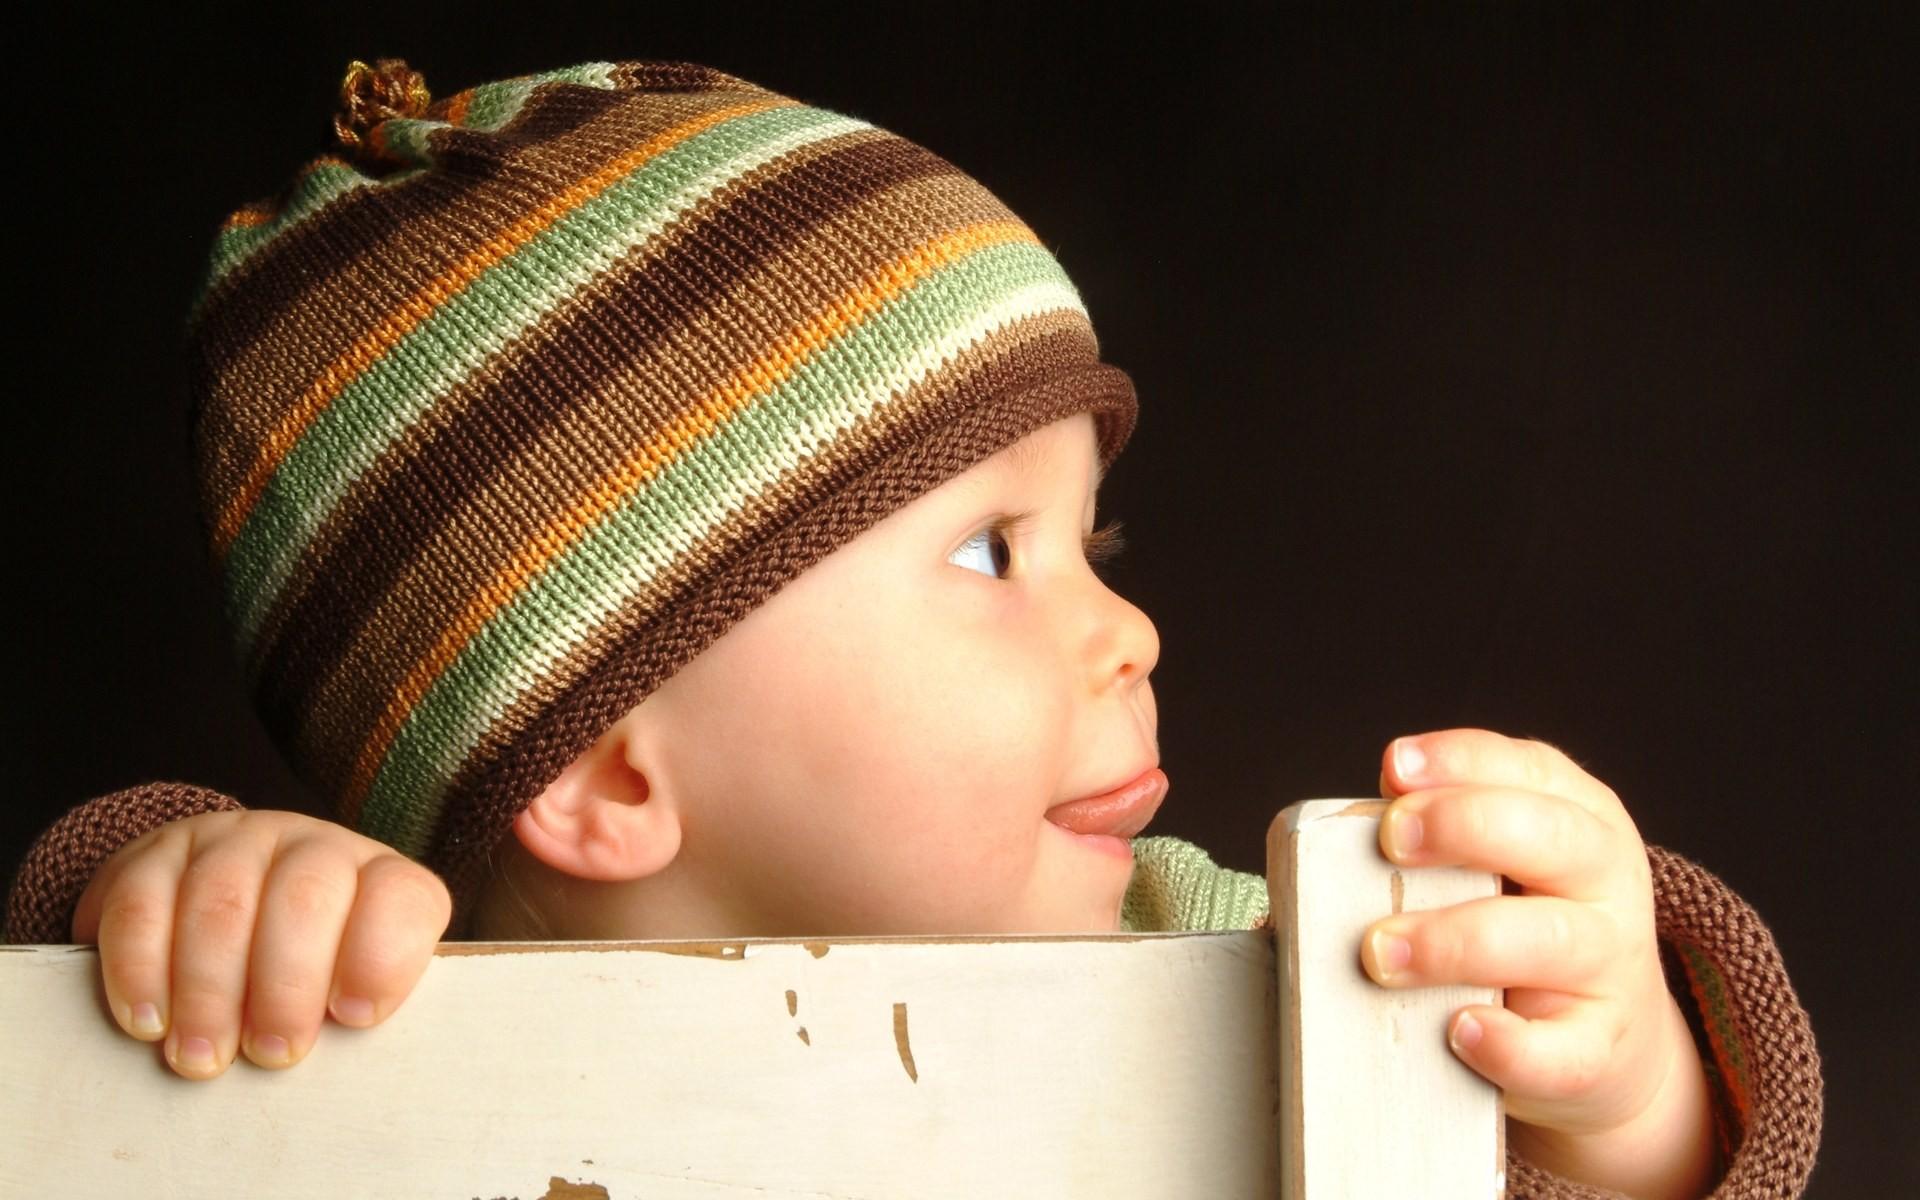 Un bebe sonriente - 1920x1200